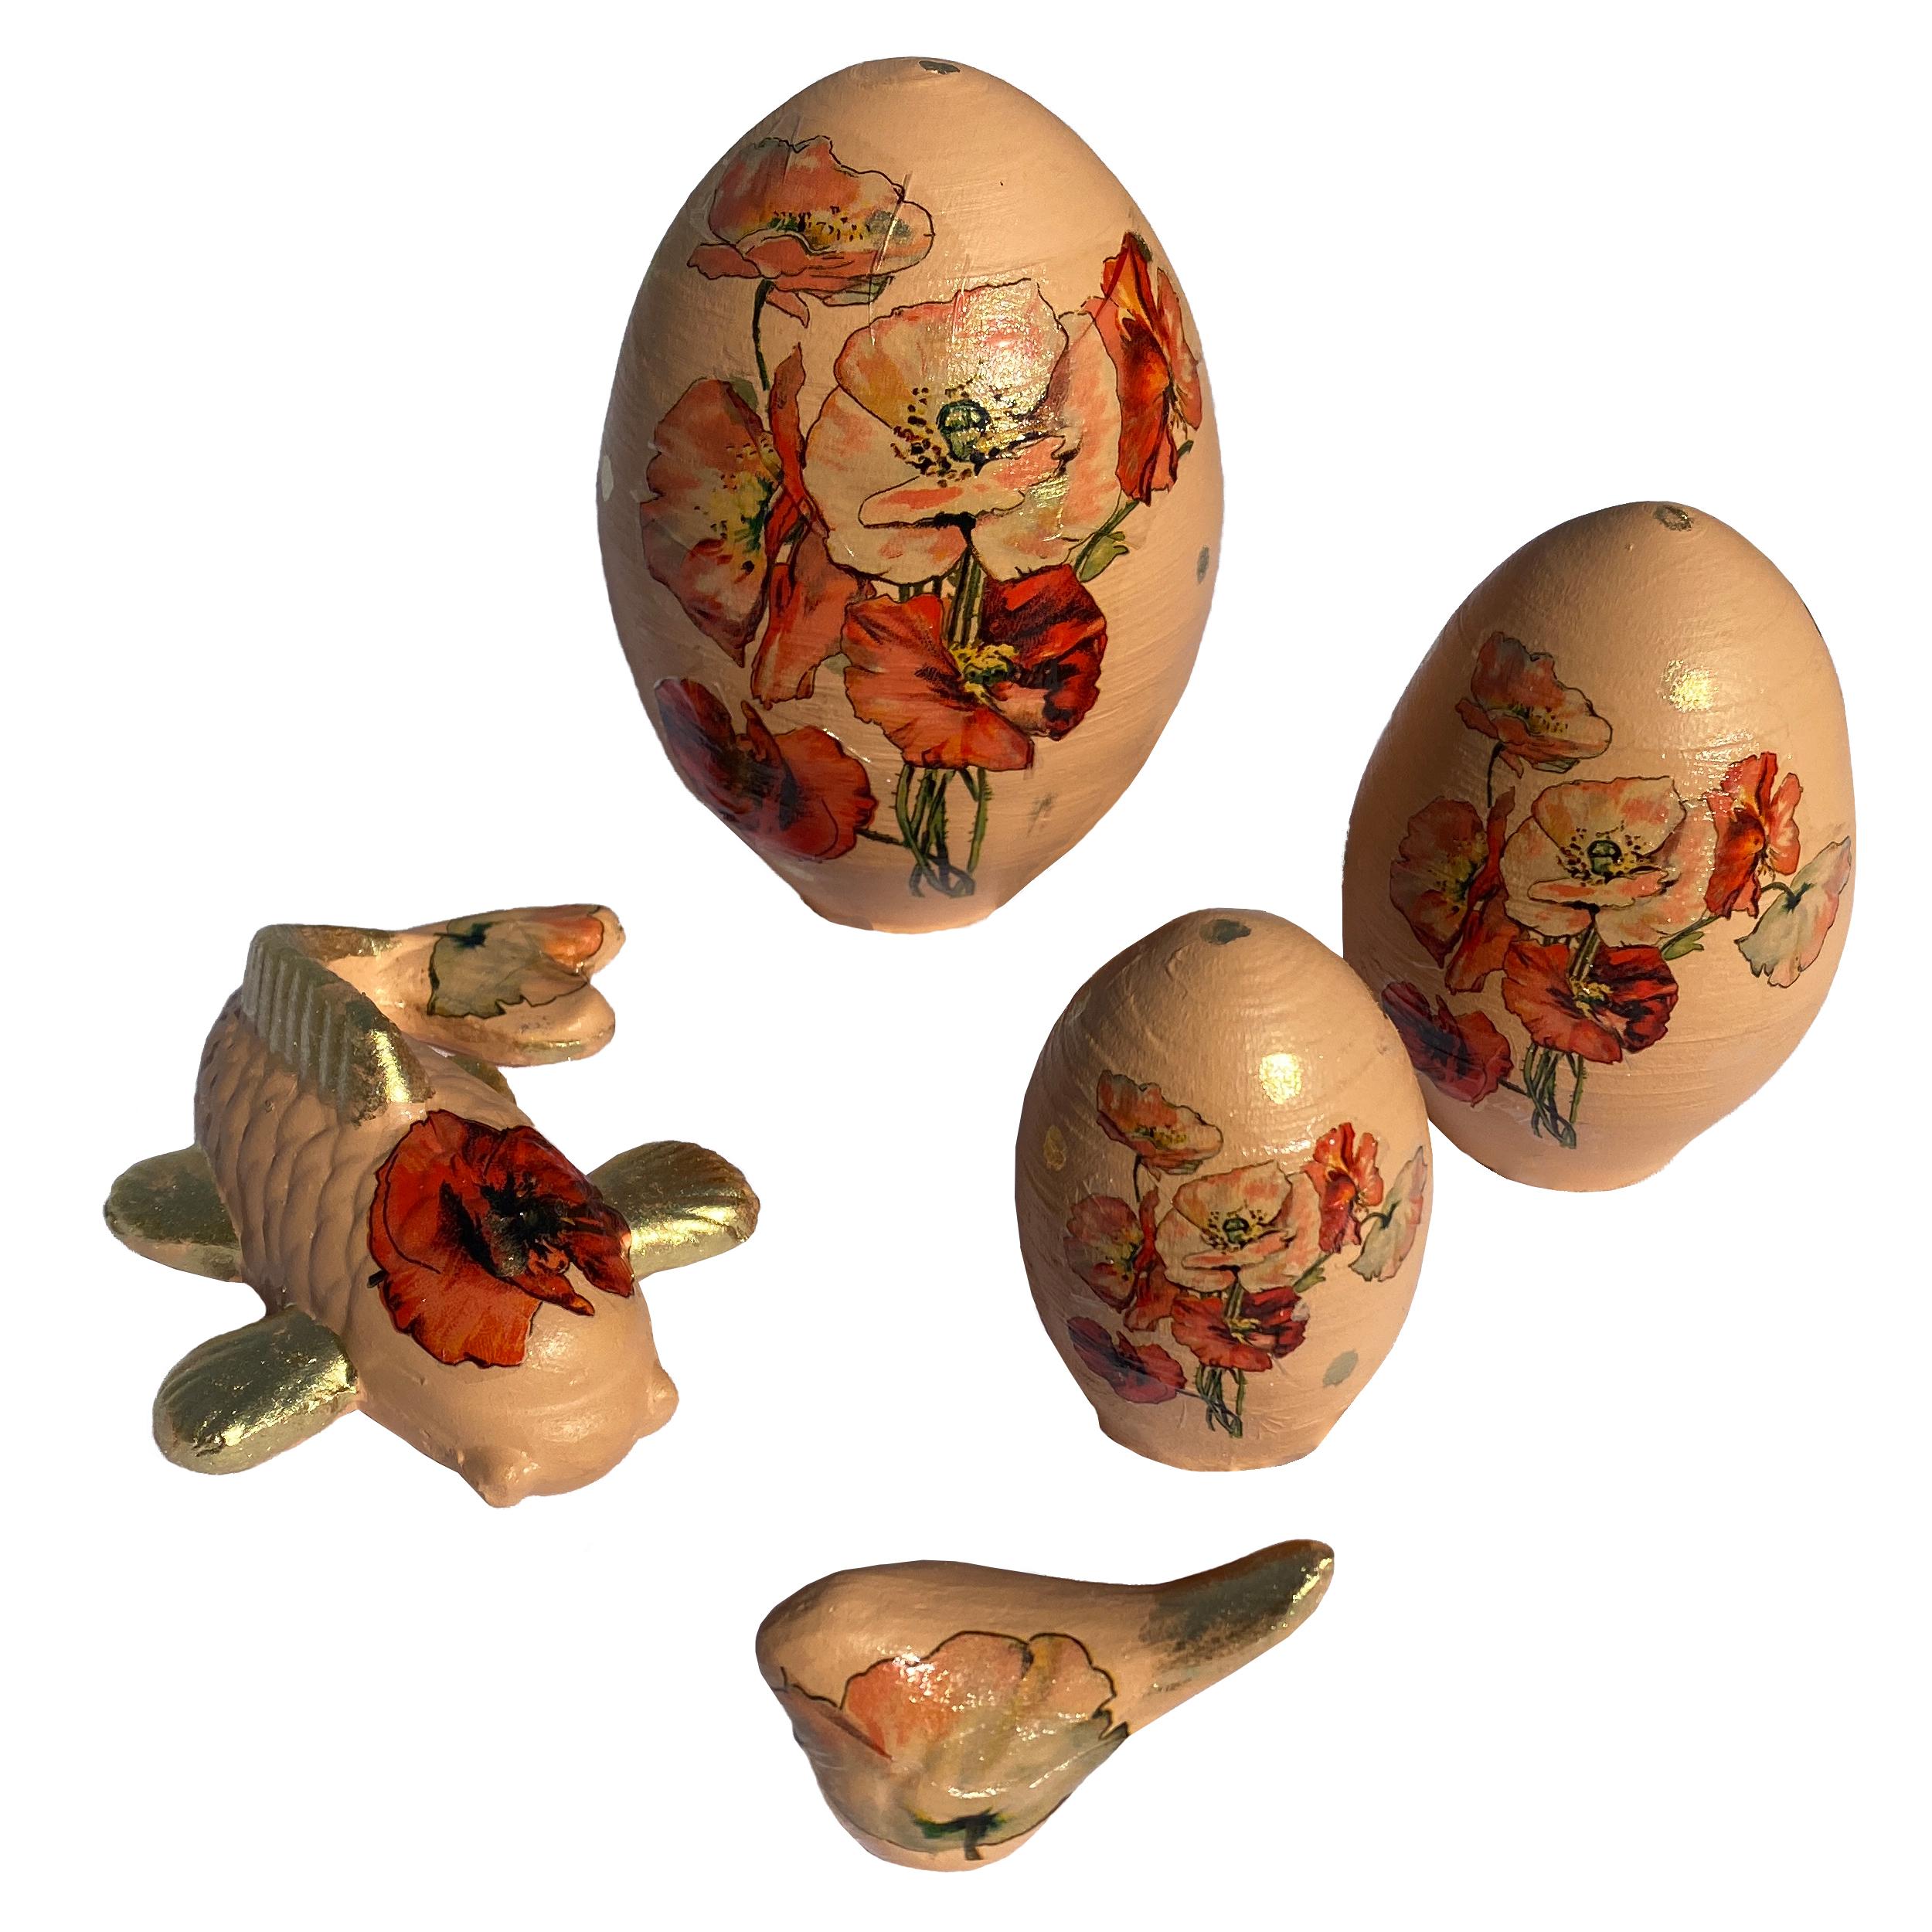 تخم مرغ سفالی مدل شقایق مجموعه 3 عددی به همراه مجسمه